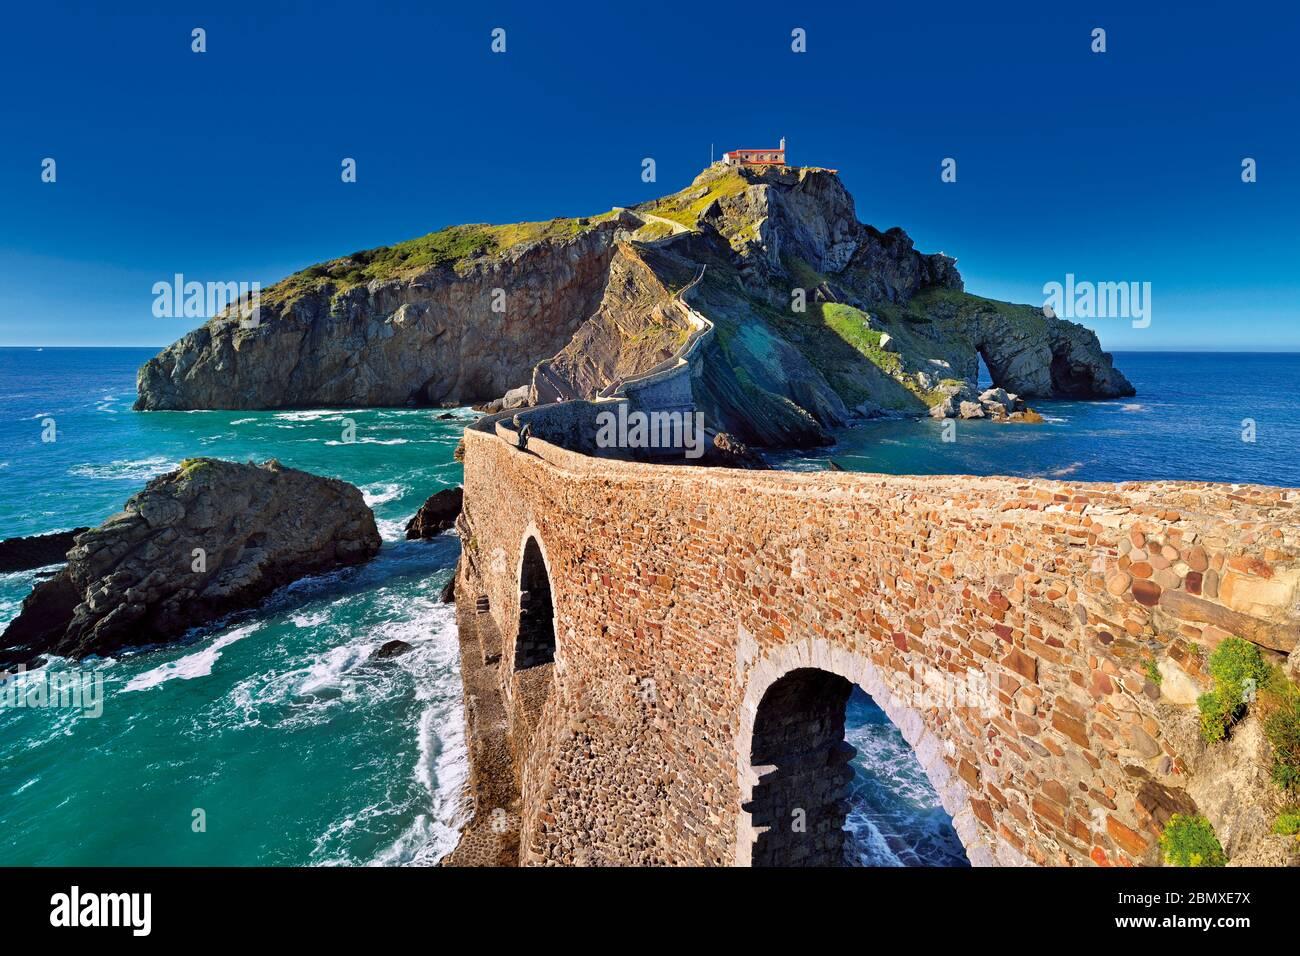 Puente de piedra arcada que conduce a una pequeña isla rocosa con una pequeña capilla en la parte superior Foto de stock